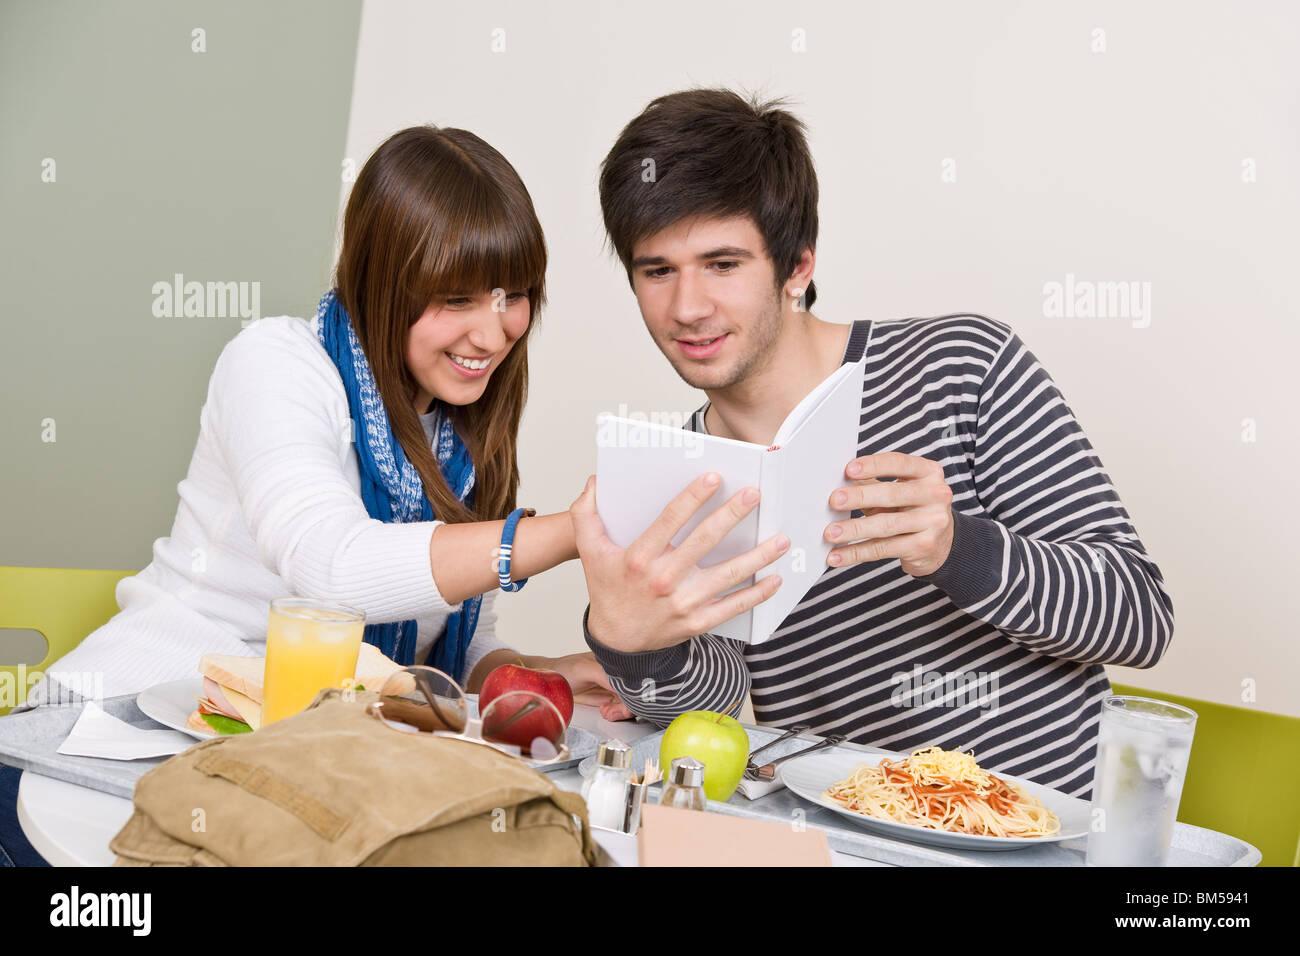 Mensa - Jugendliche mit Mittagspause, Buch Stockfoto